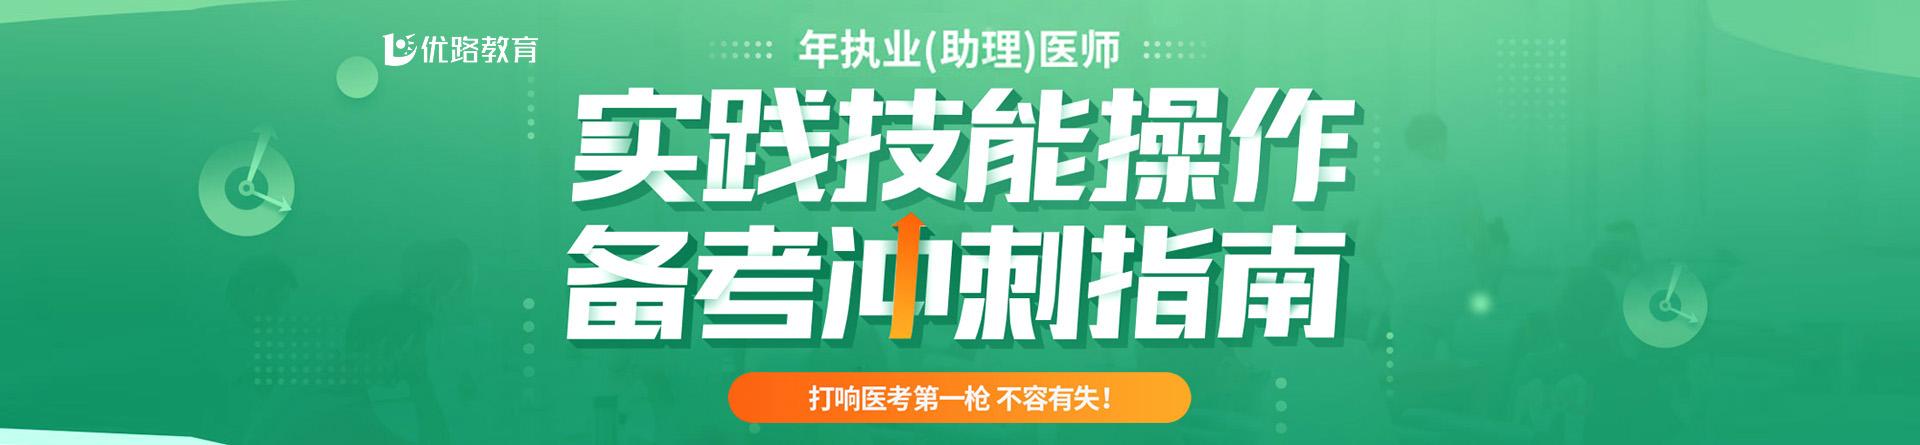 黑龙江省佳木斯优路教育培训学校